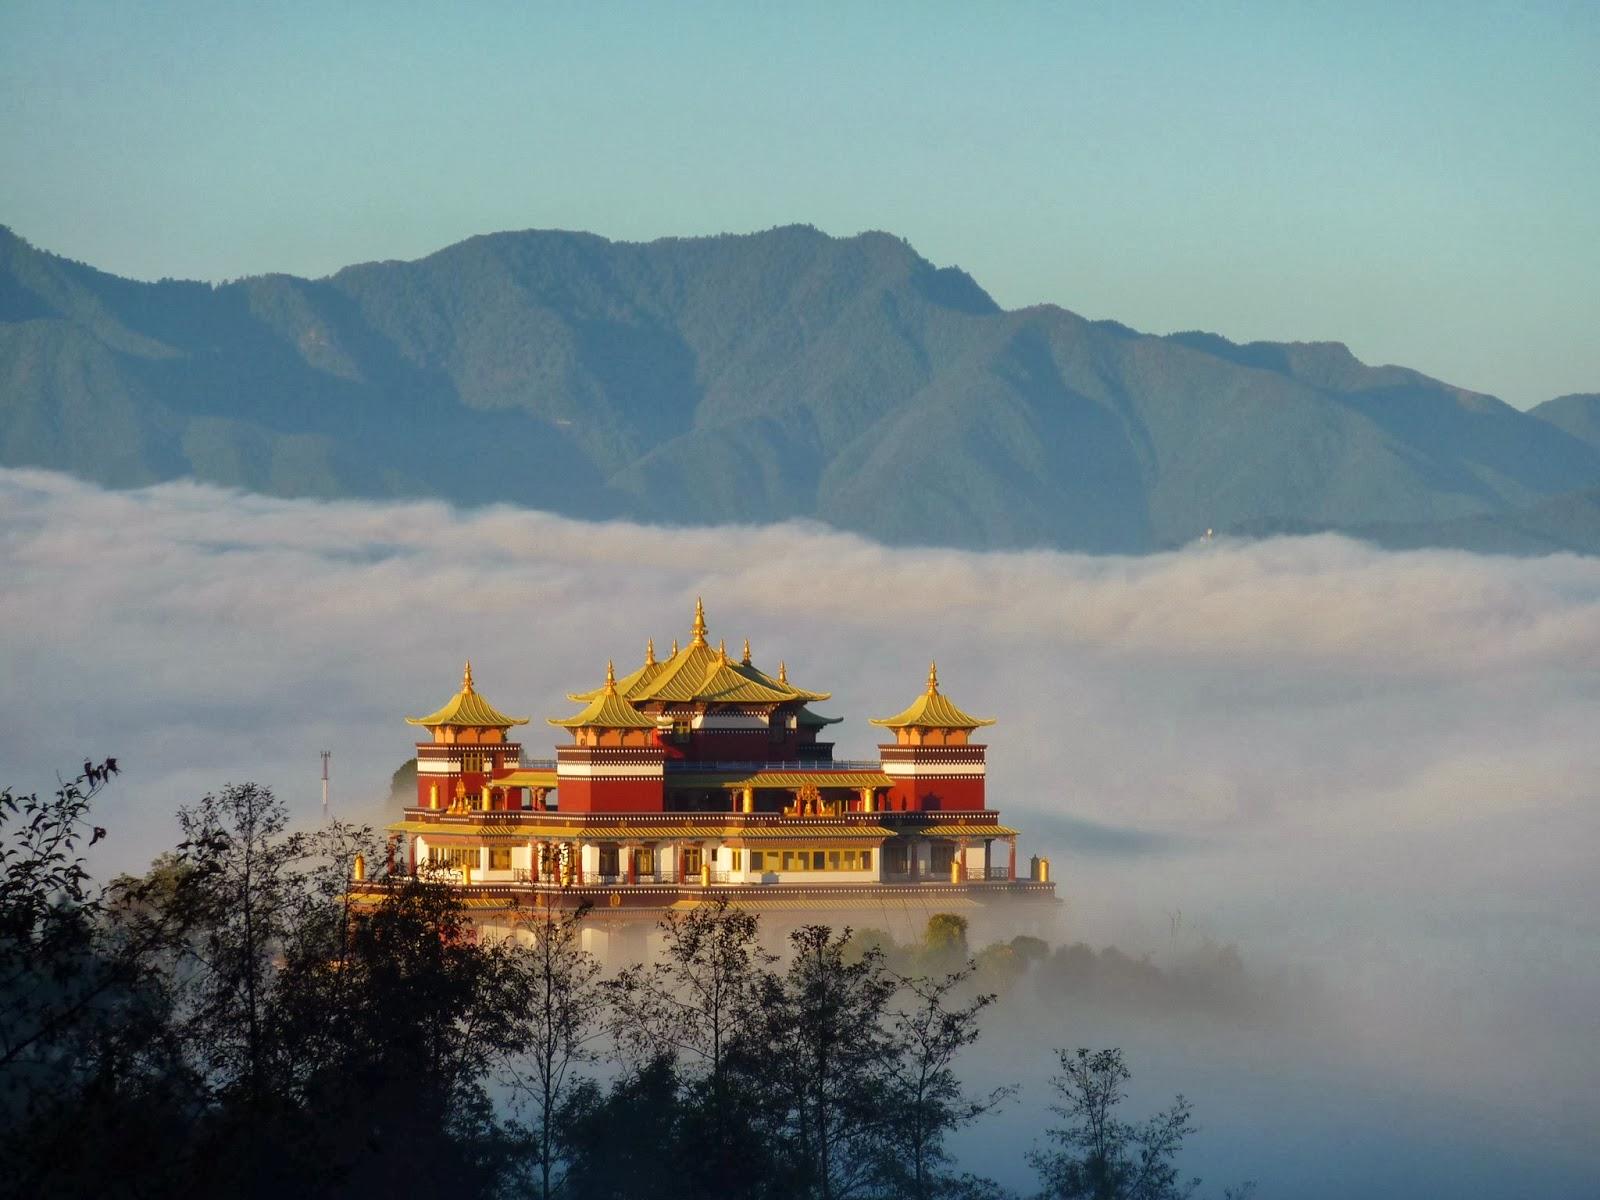 Amitaba Temple in Kathmandu, holiday in kathmandu, temple in kathmandu